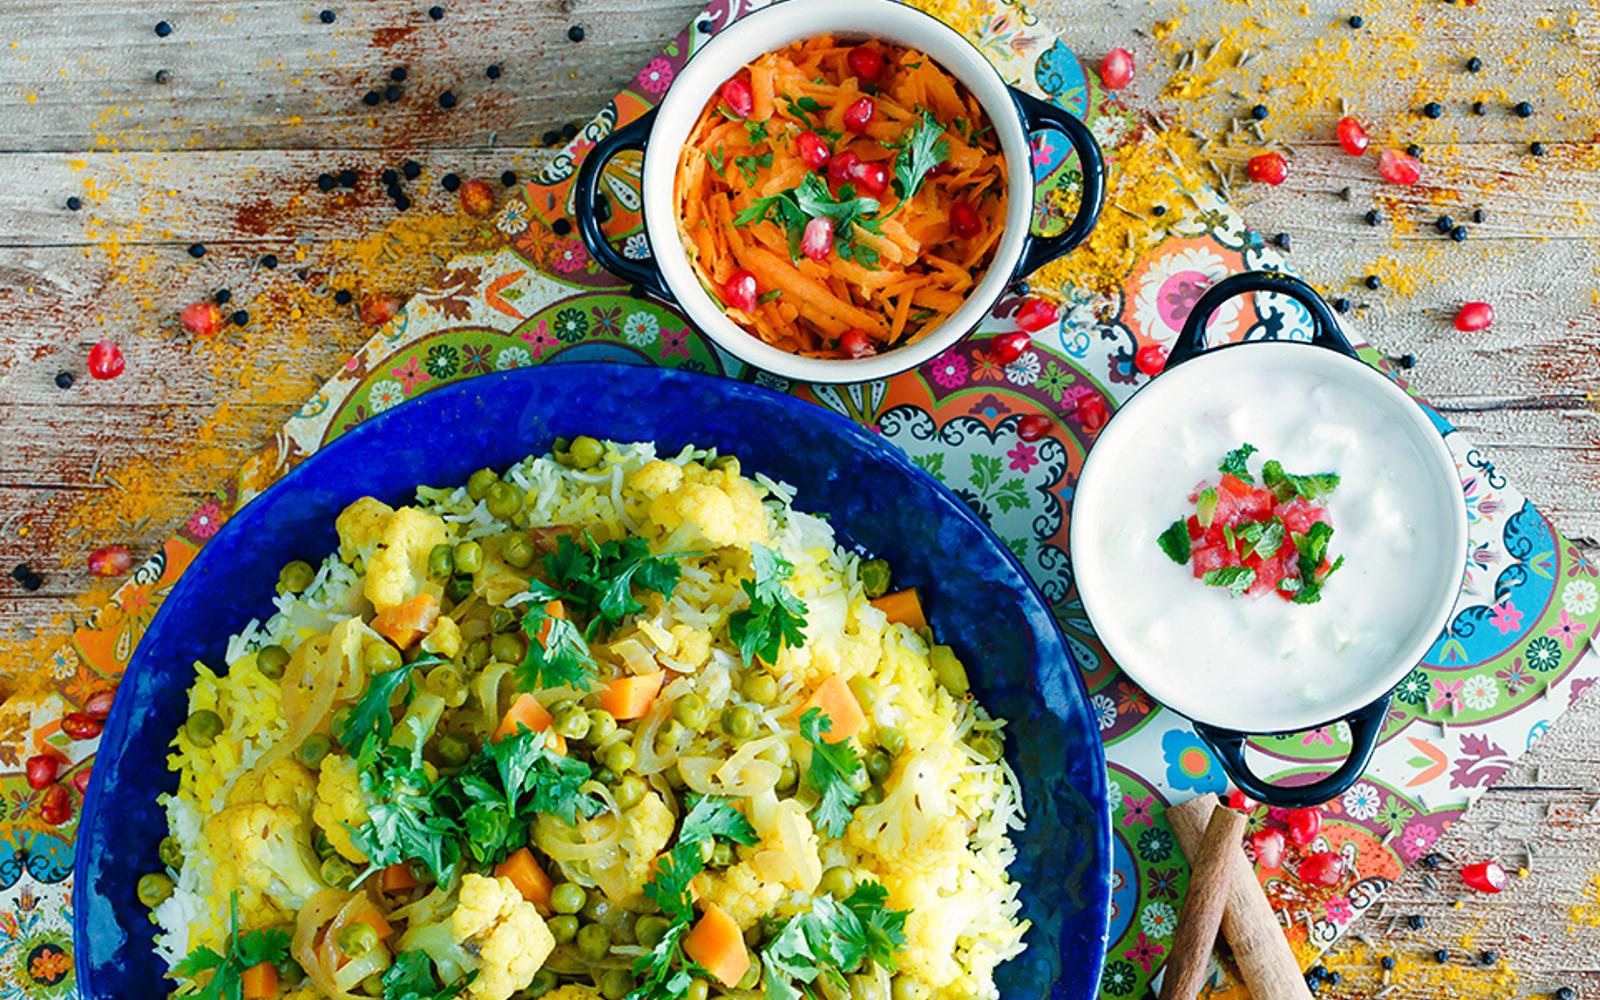 Cauliflower Biryani With Tomato Cucumber Raita b